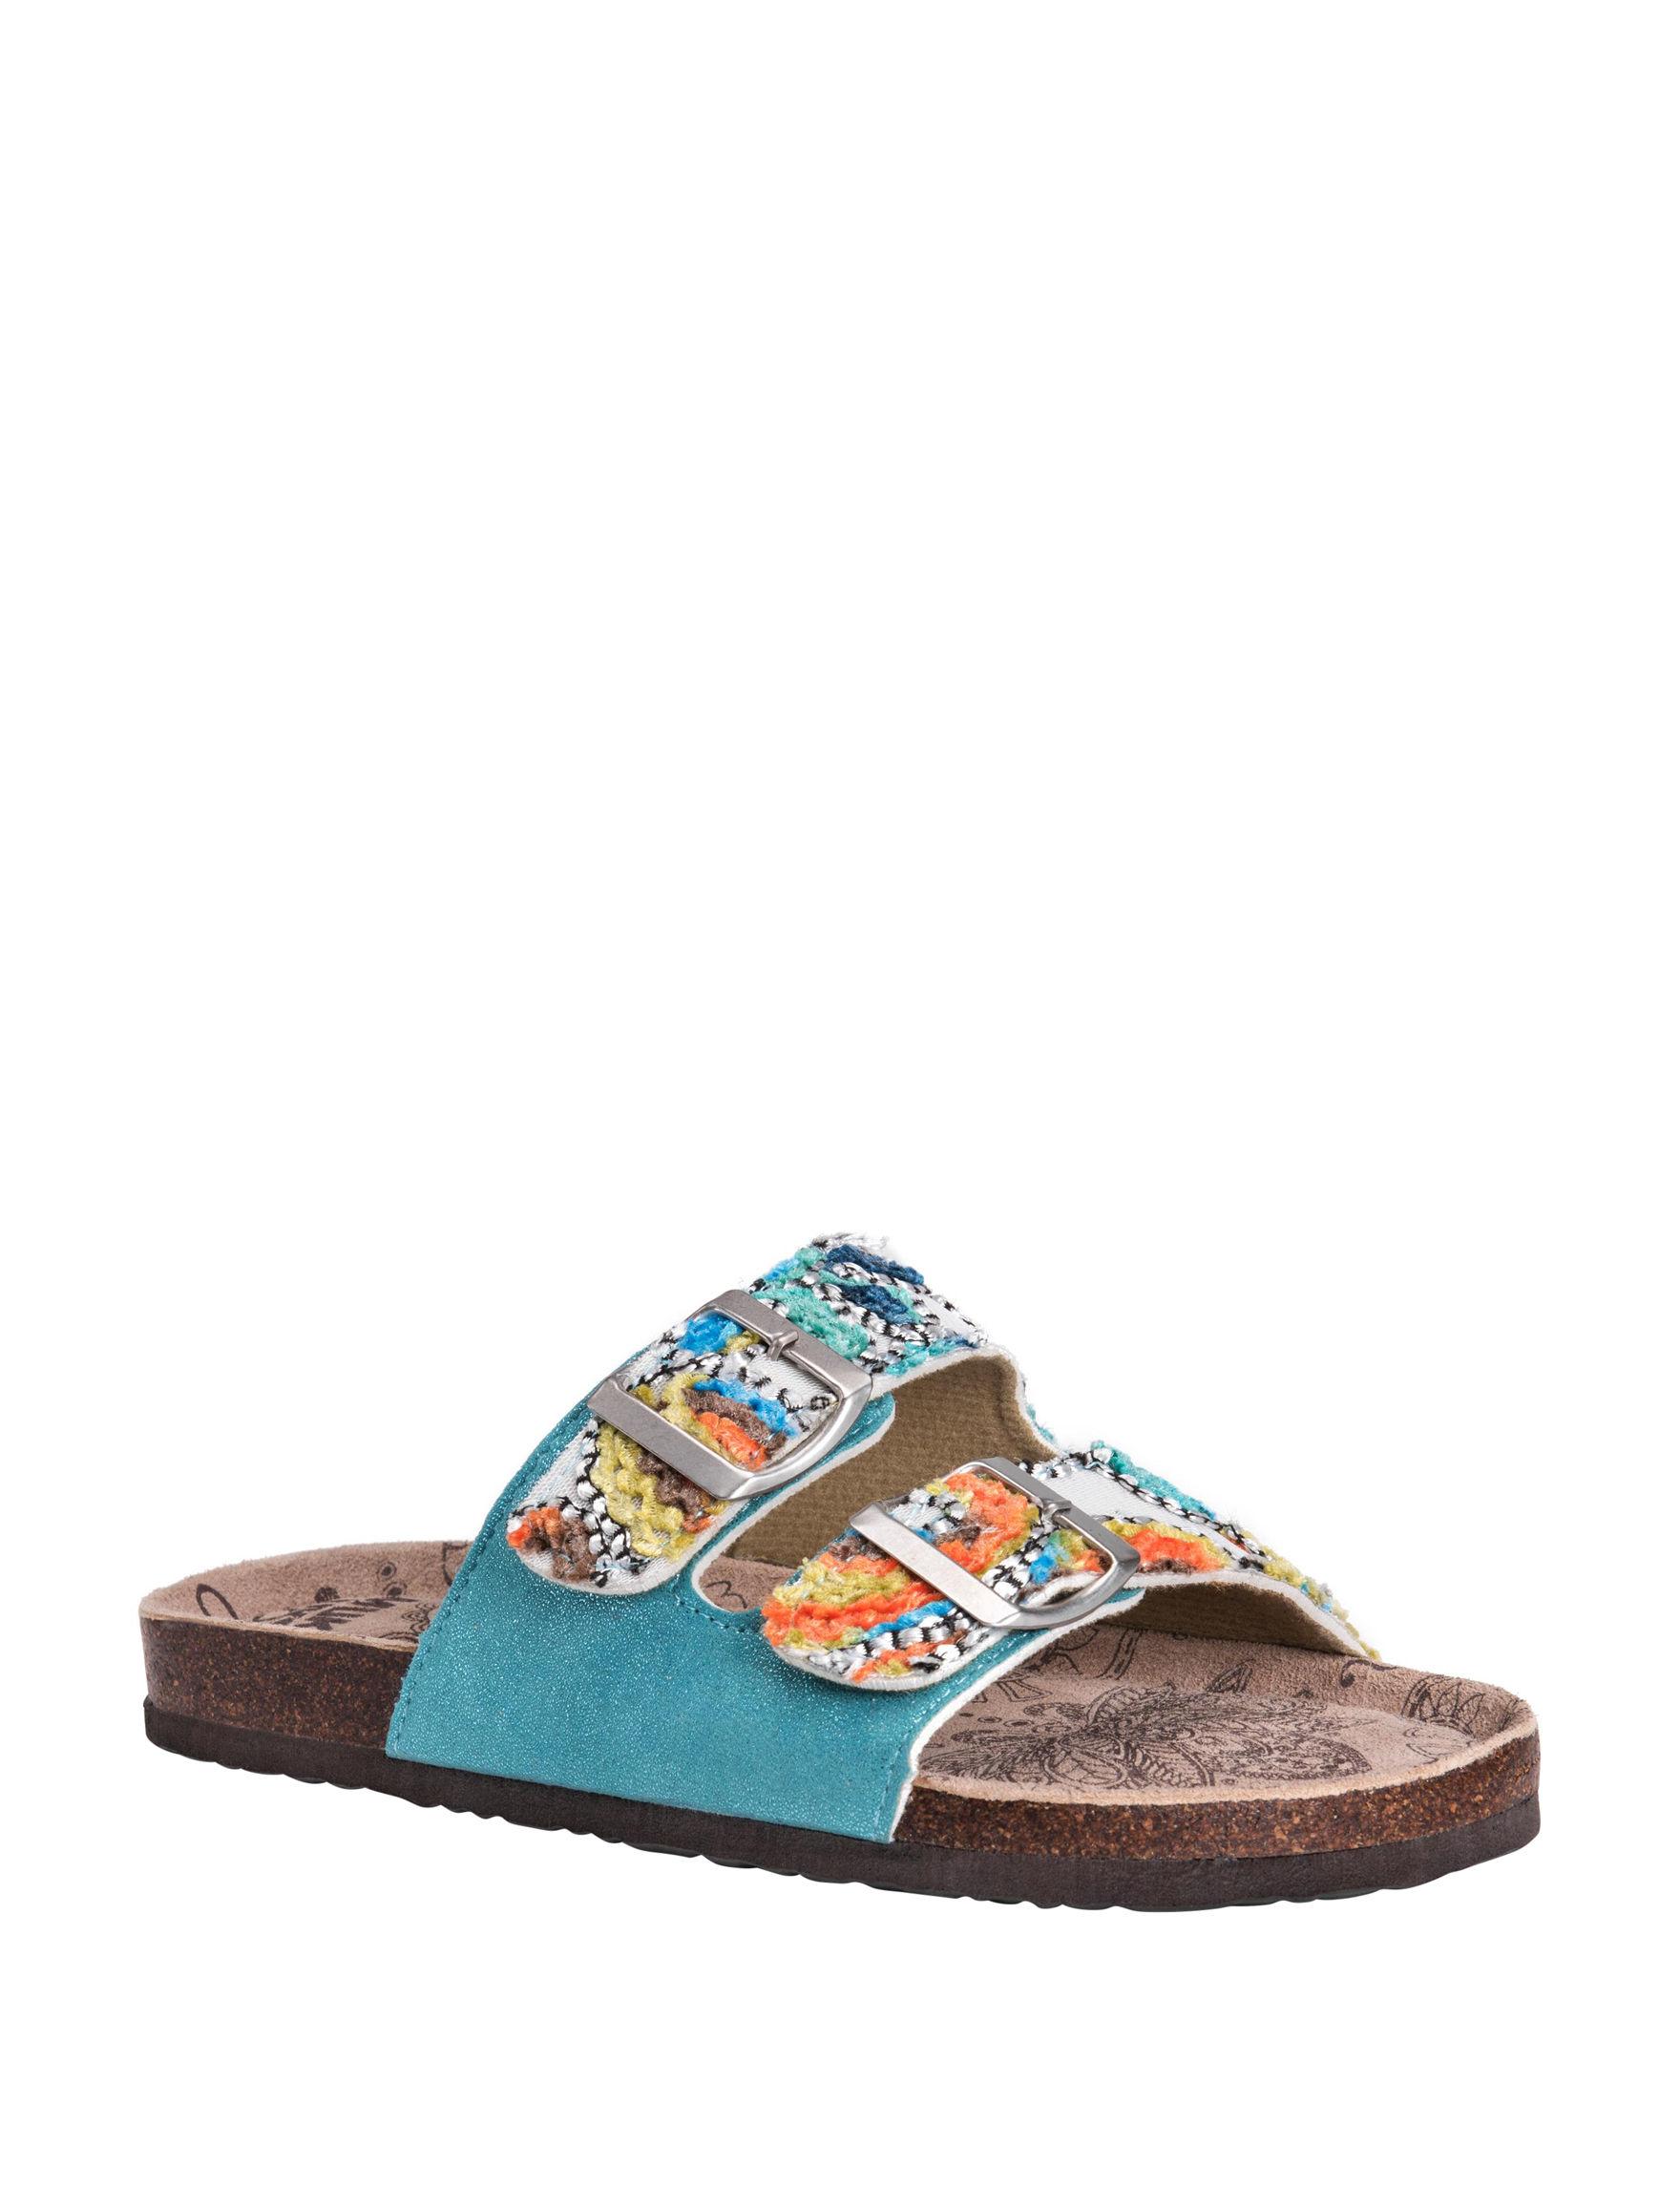 Muk Luks Teal Flat Sandals Slide Sandals